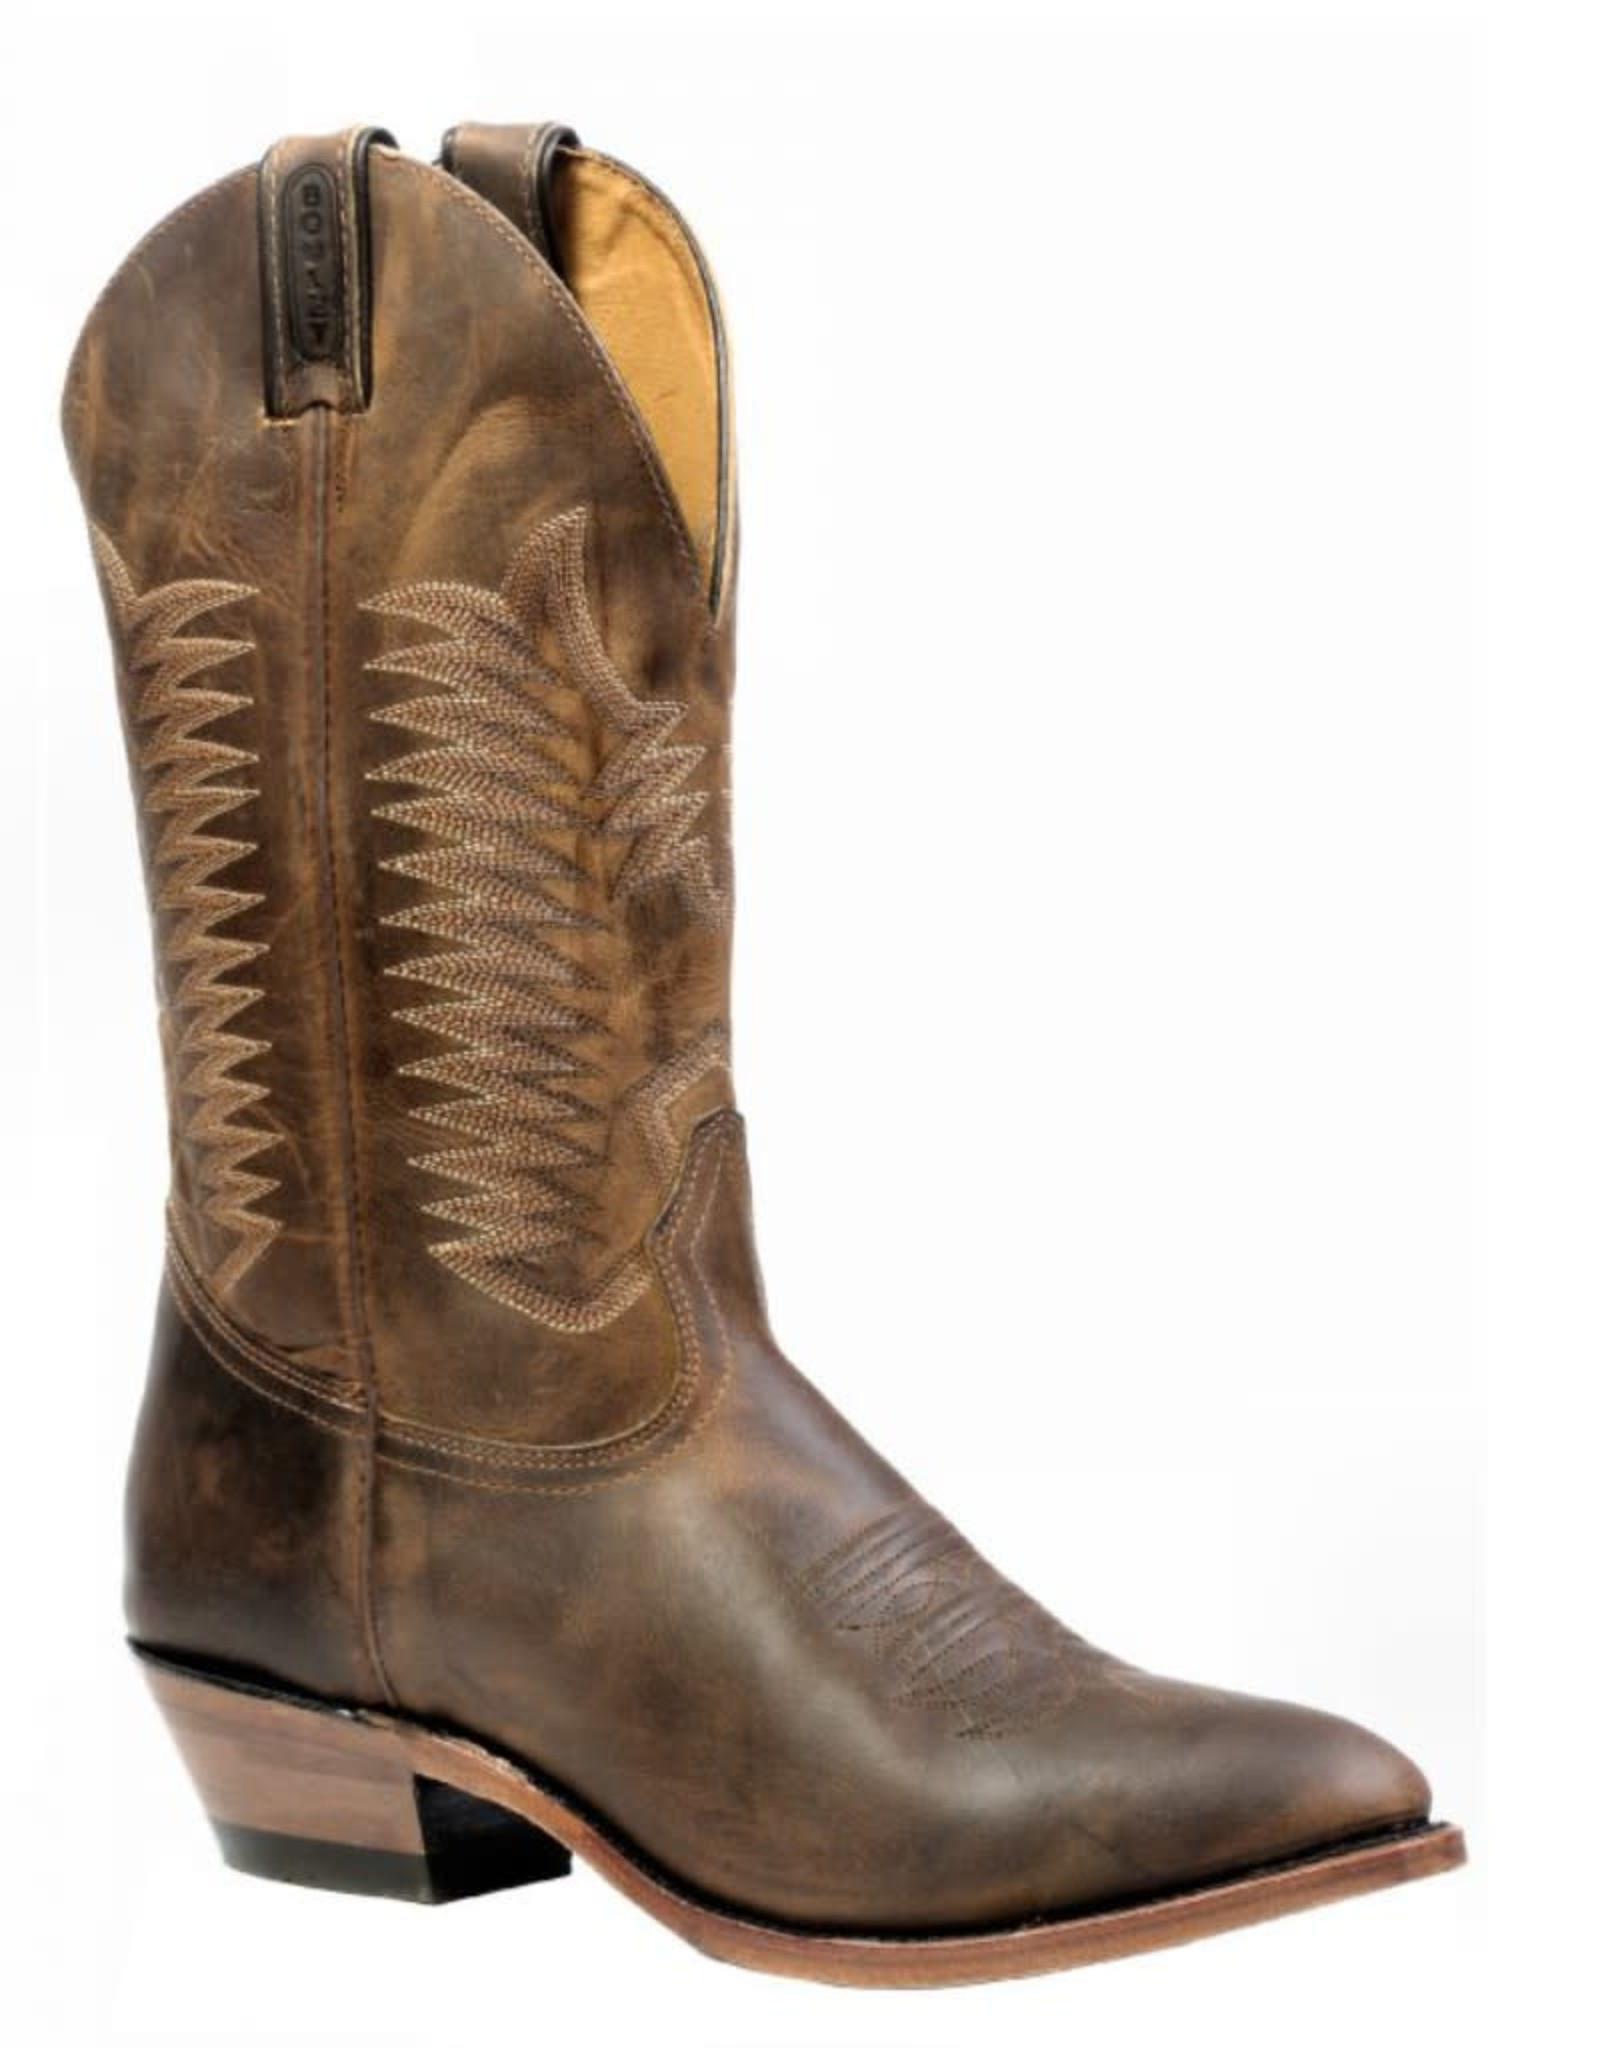 Boulet Boulet Leather Medium Cowboy Toe Boots